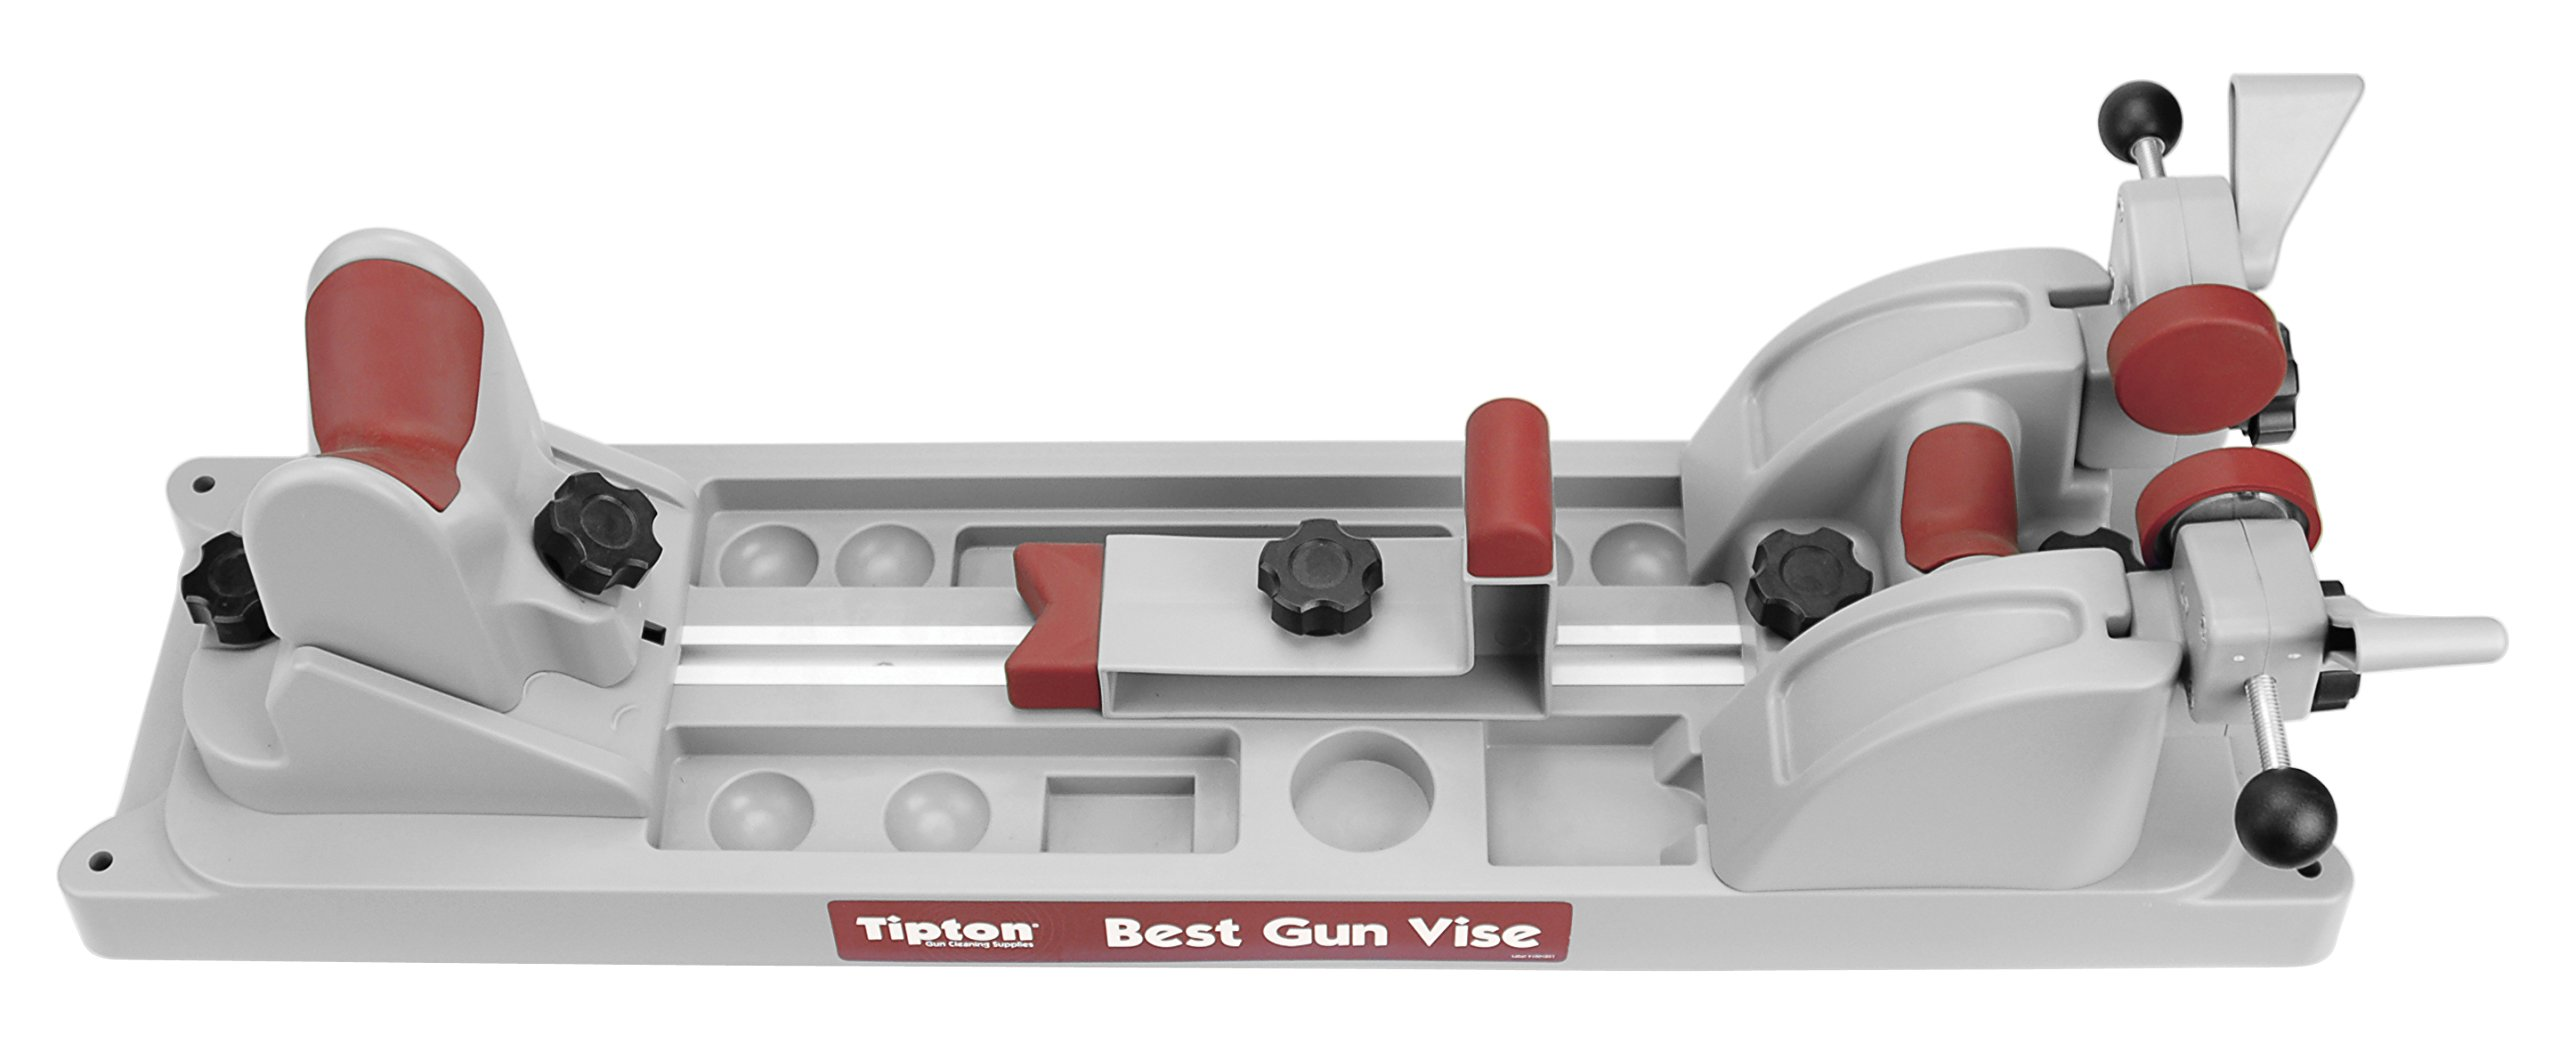 Tipton Best Gun Vise for Cleaning, Gunsmithing and Gun Maintenance by Tipton